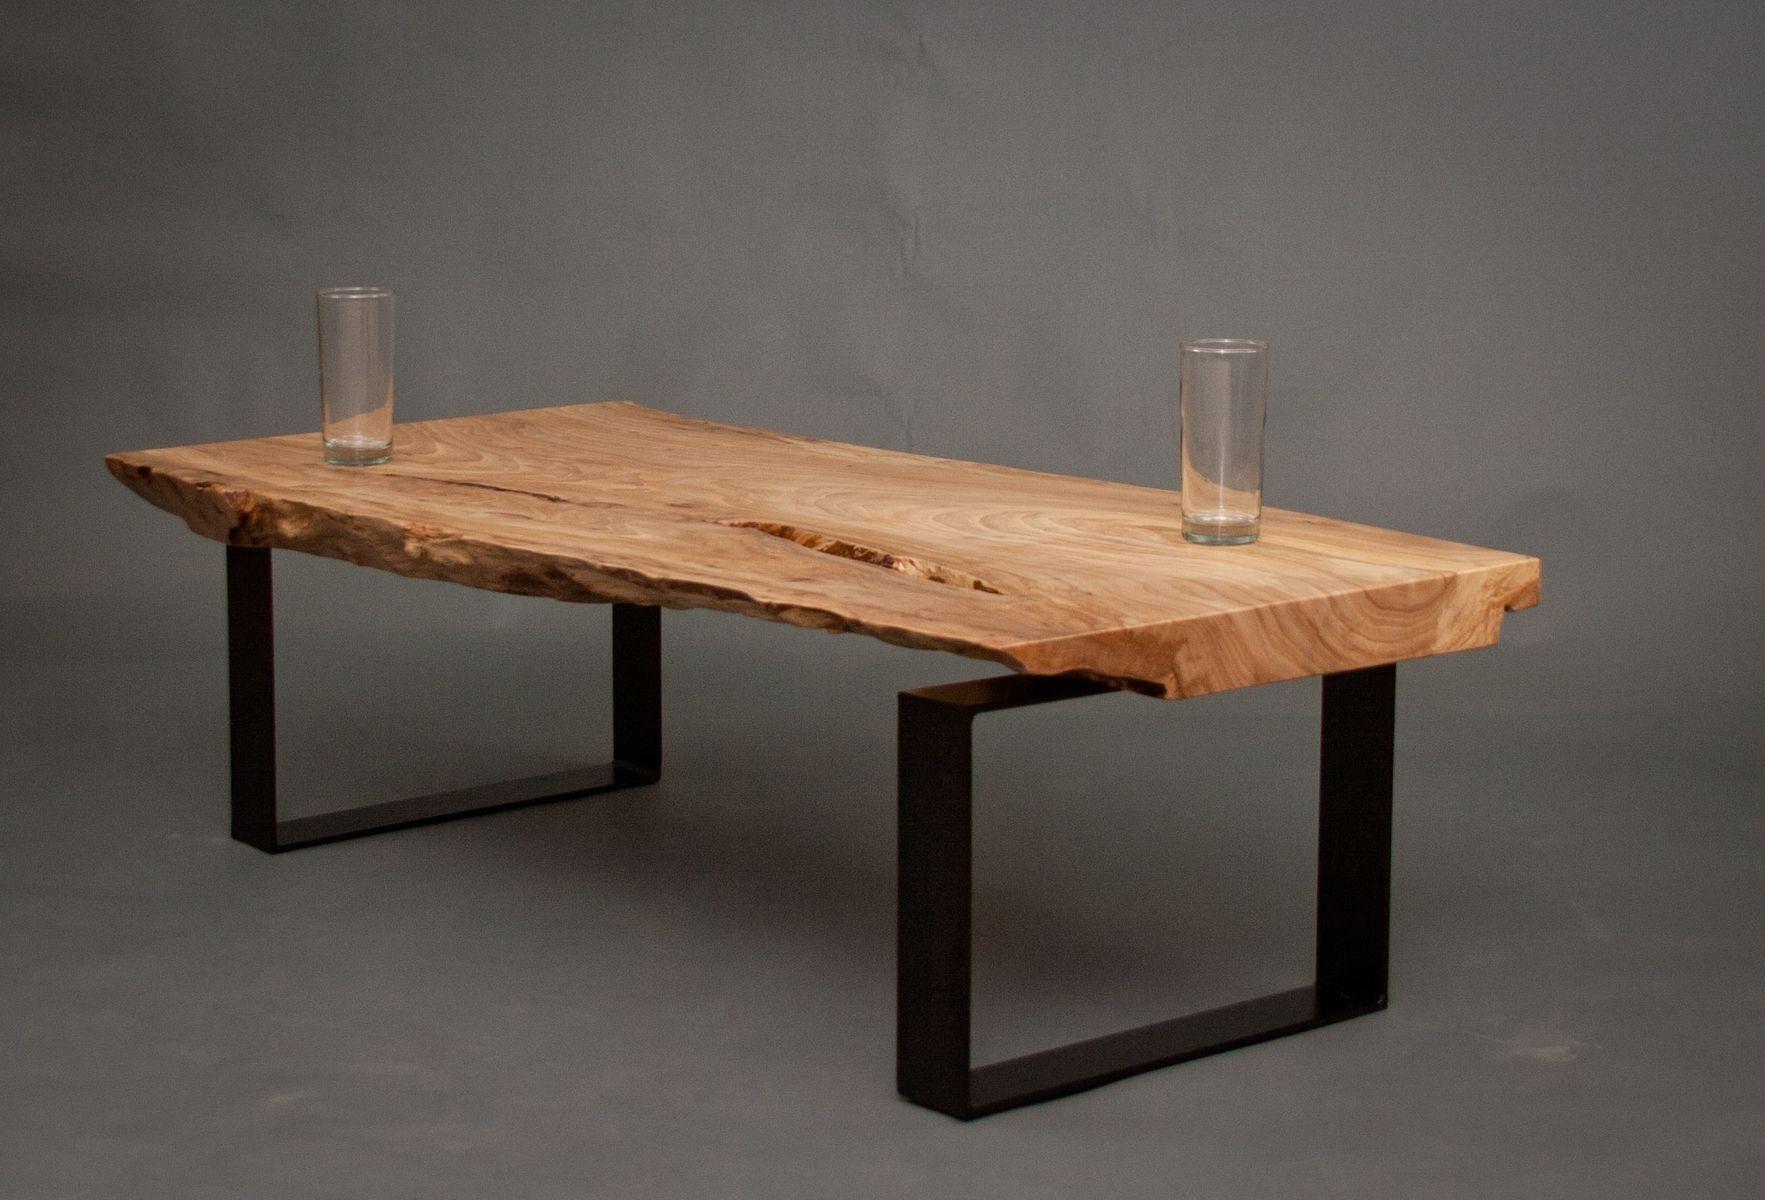 Ellington Reclaimed Elm Wood Coffee Table Reclaimed Wood Coffee Table Live Edge Wood Furniture Natural Wood Coffee Table